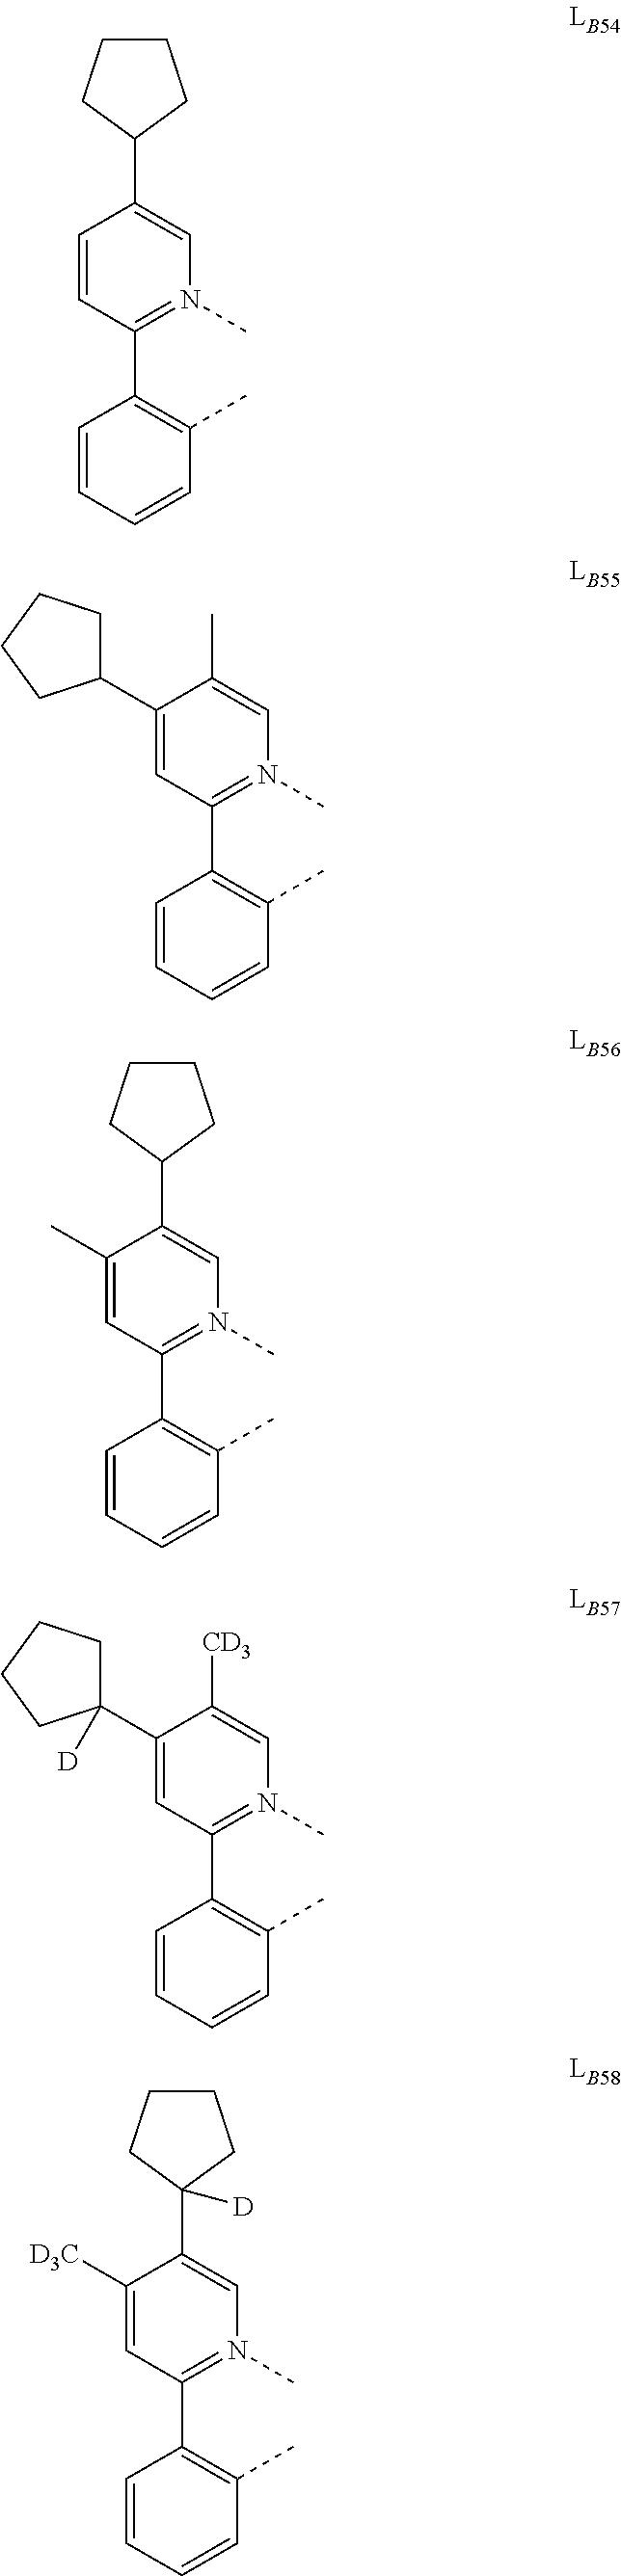 Figure US20180130962A1-20180510-C00076